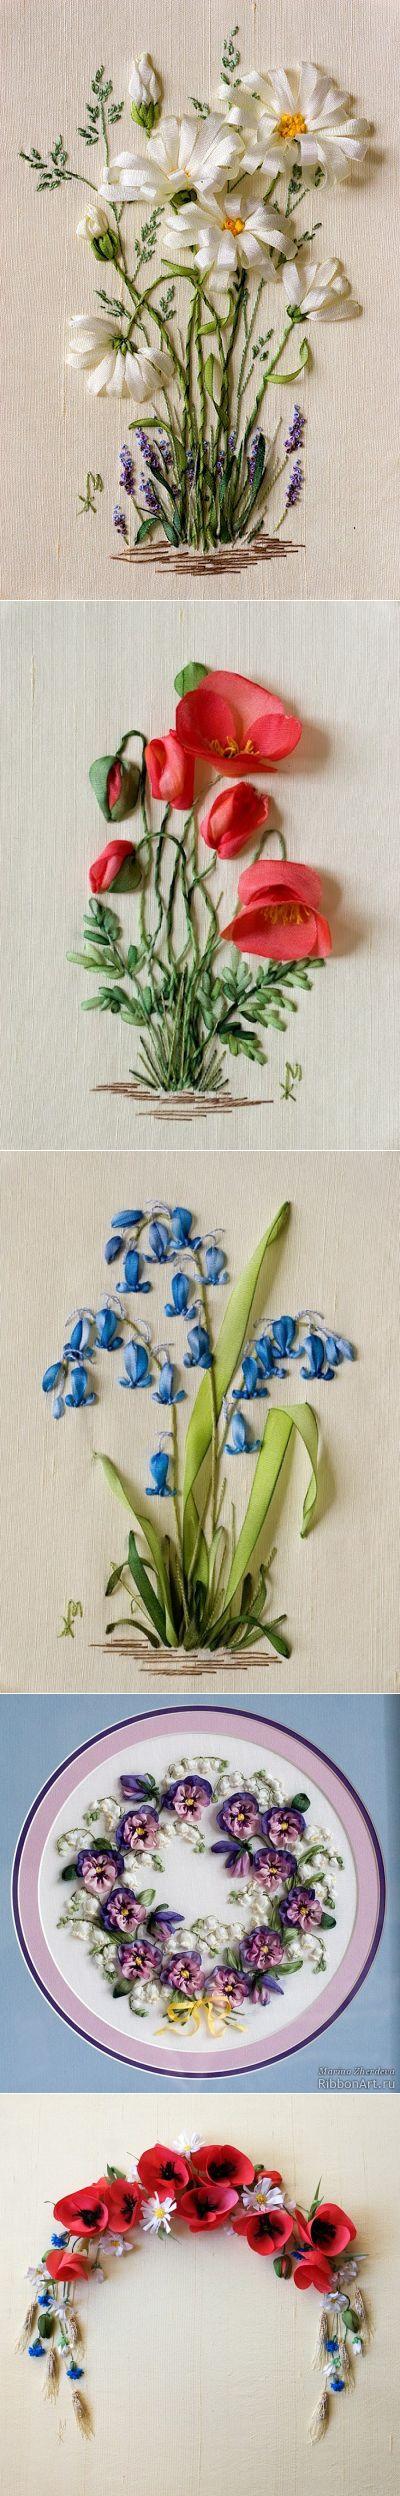 Весенние миниатюры и цветочные эльфы, вышитые лентами — Рукоделие